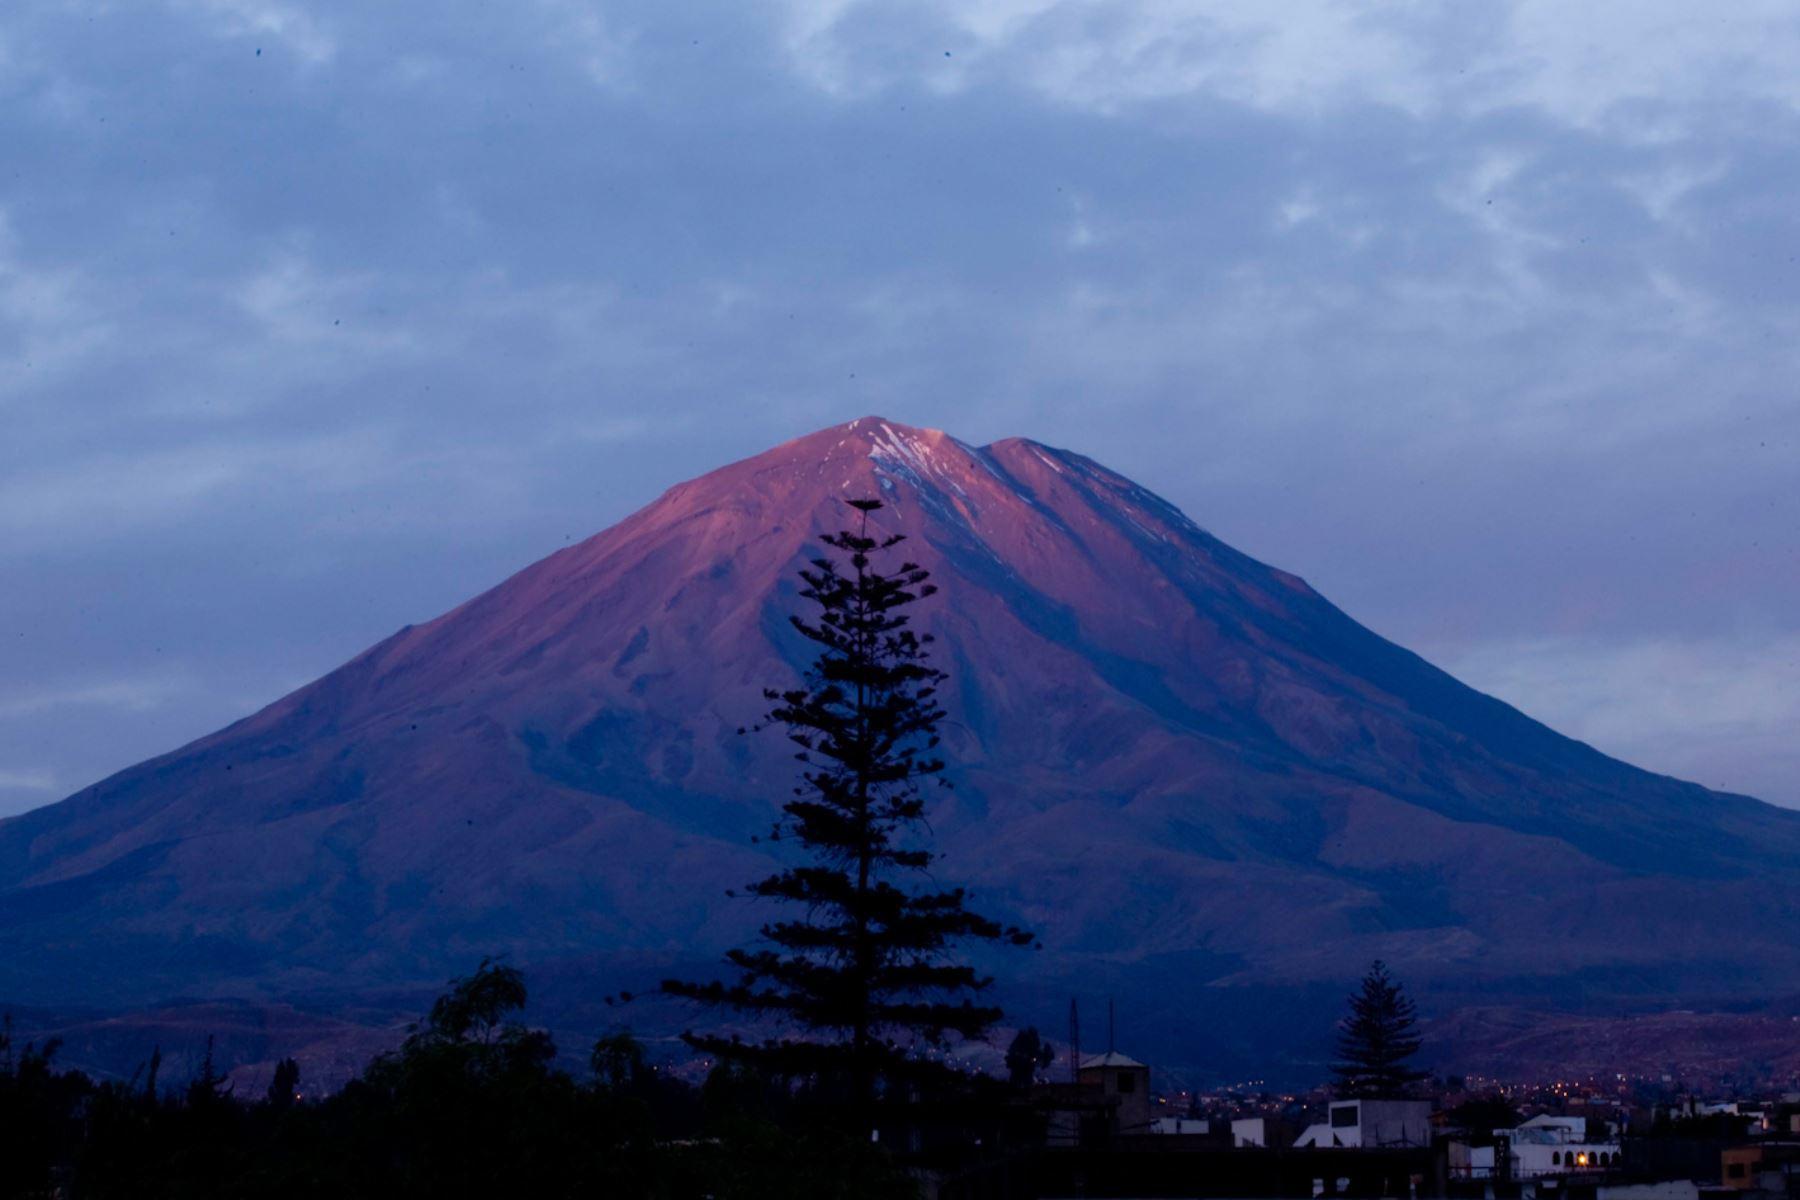 Esta mañana se registró un derrumbe en el flanco sur del volcán Misti, región Arequipa, informó el Ingemmet. Foto: ANDINA/Difusión